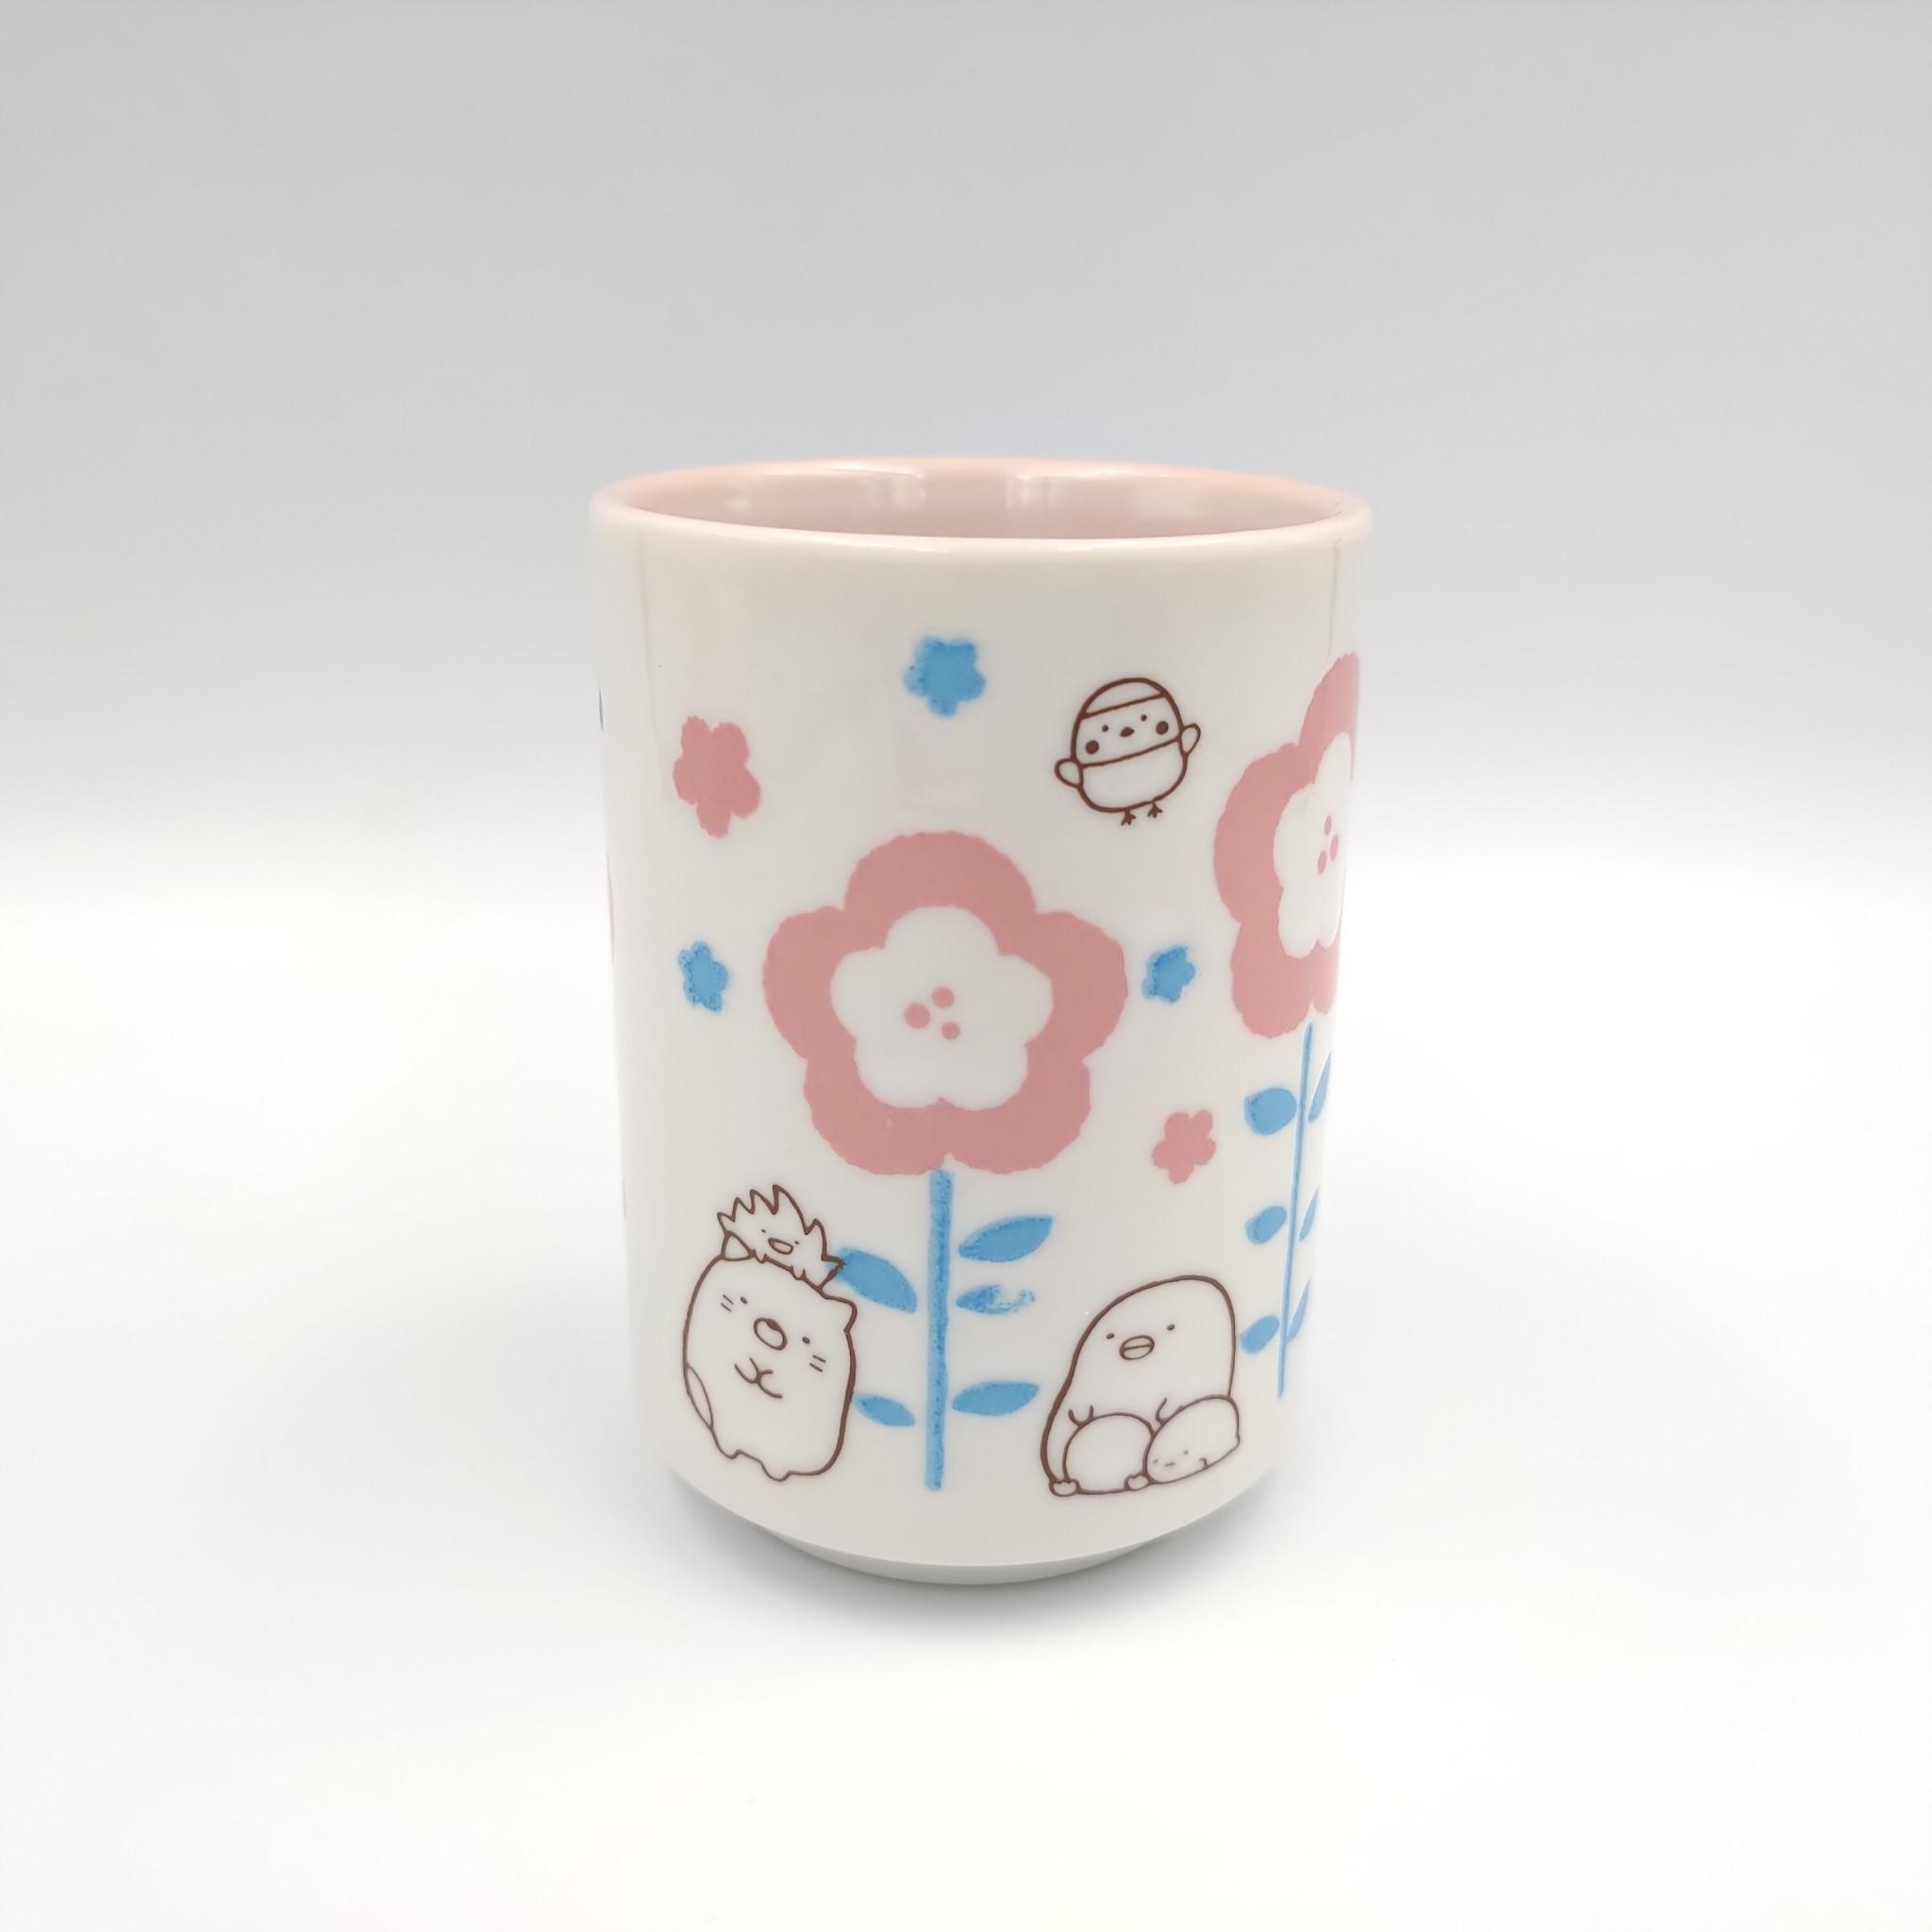 【積文館】茶杯 日本進口 角落小生物 角落公仔(6.5*9.5cm) 0